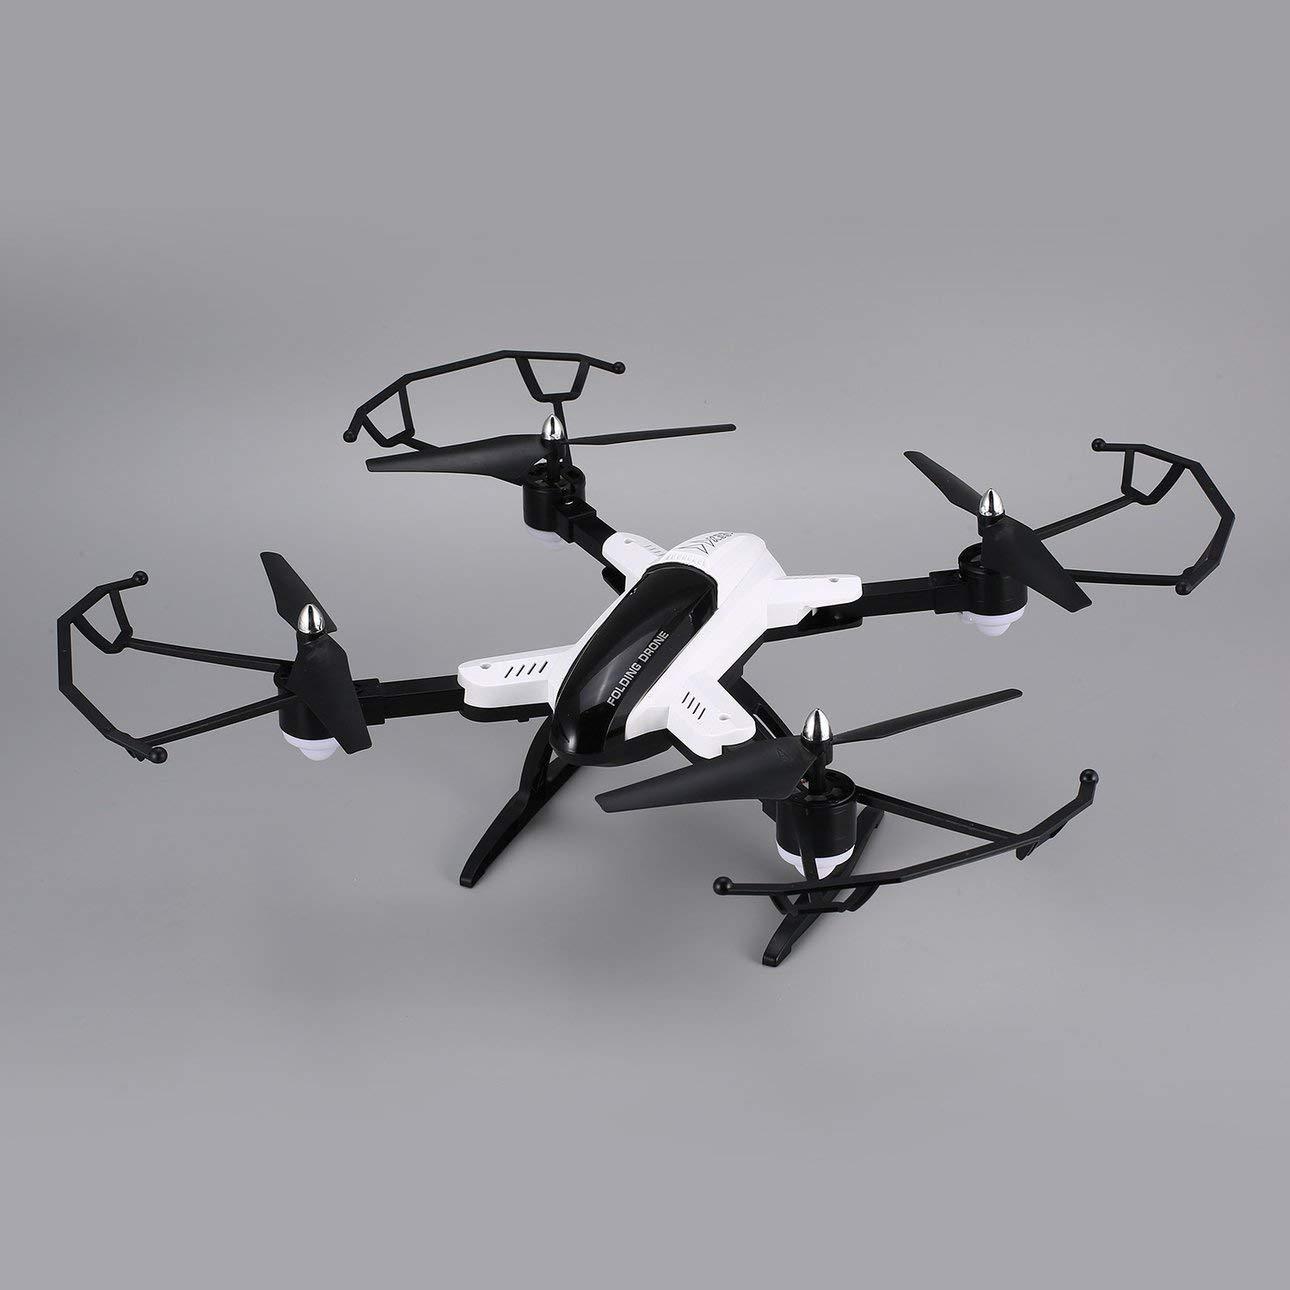 Ballylelly Drone x33c-1 Drone Pieghevole RC 2.4G RC Quadcopter Drone con Altitude Hold modalità Headless